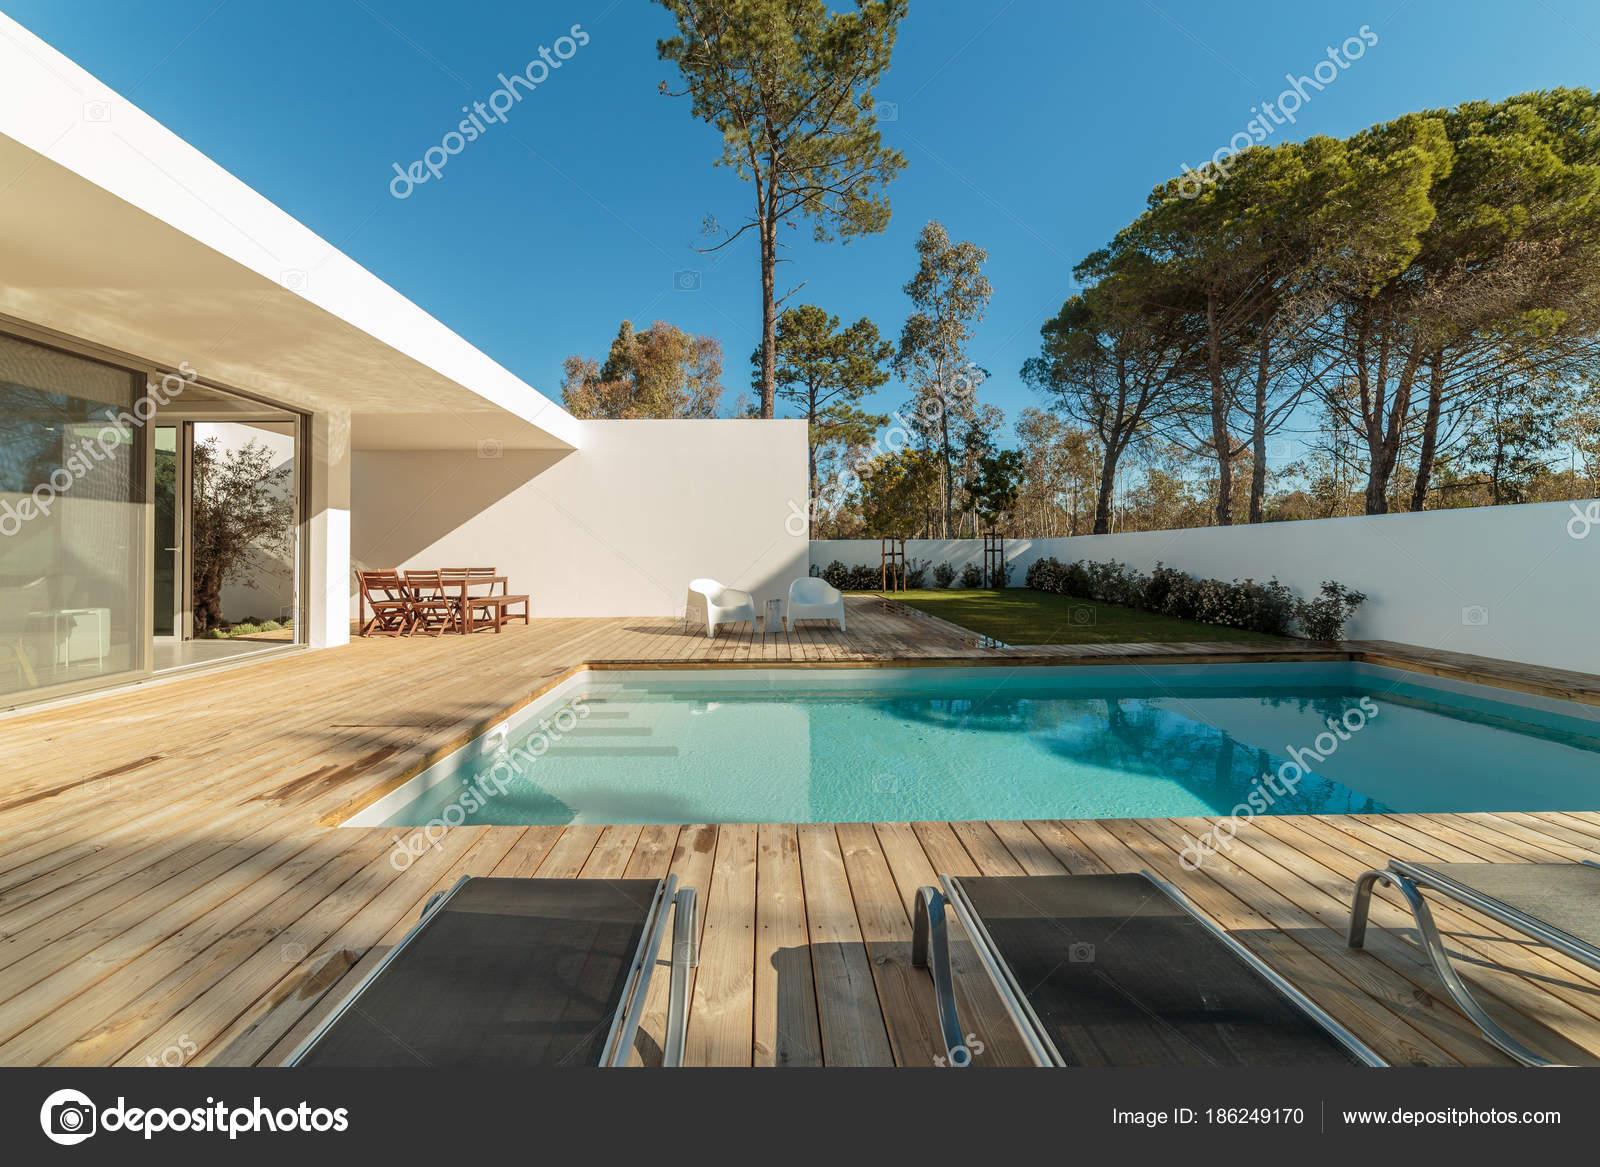 Maison moderne avec jardin piscine et terrasse en bois photographie papandreos 186249170 - Piscine moderne ...